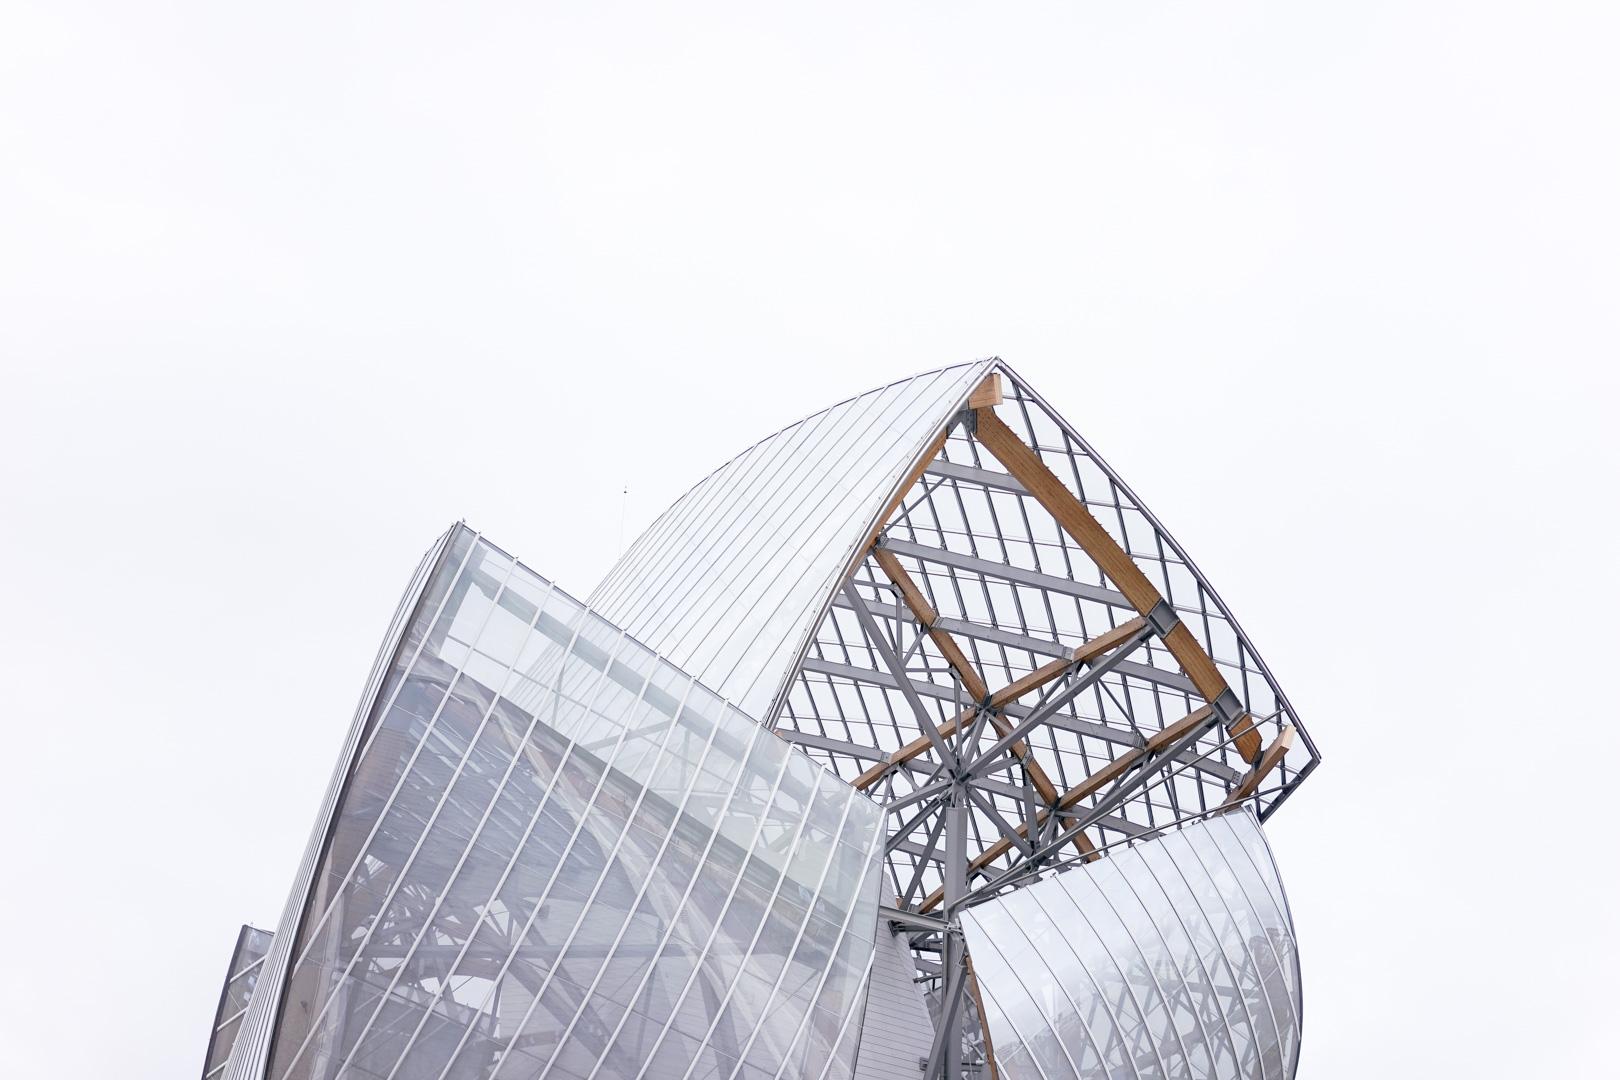 Le-Sycomore_Paris_Louis-Vuitton-1 copy.jpg